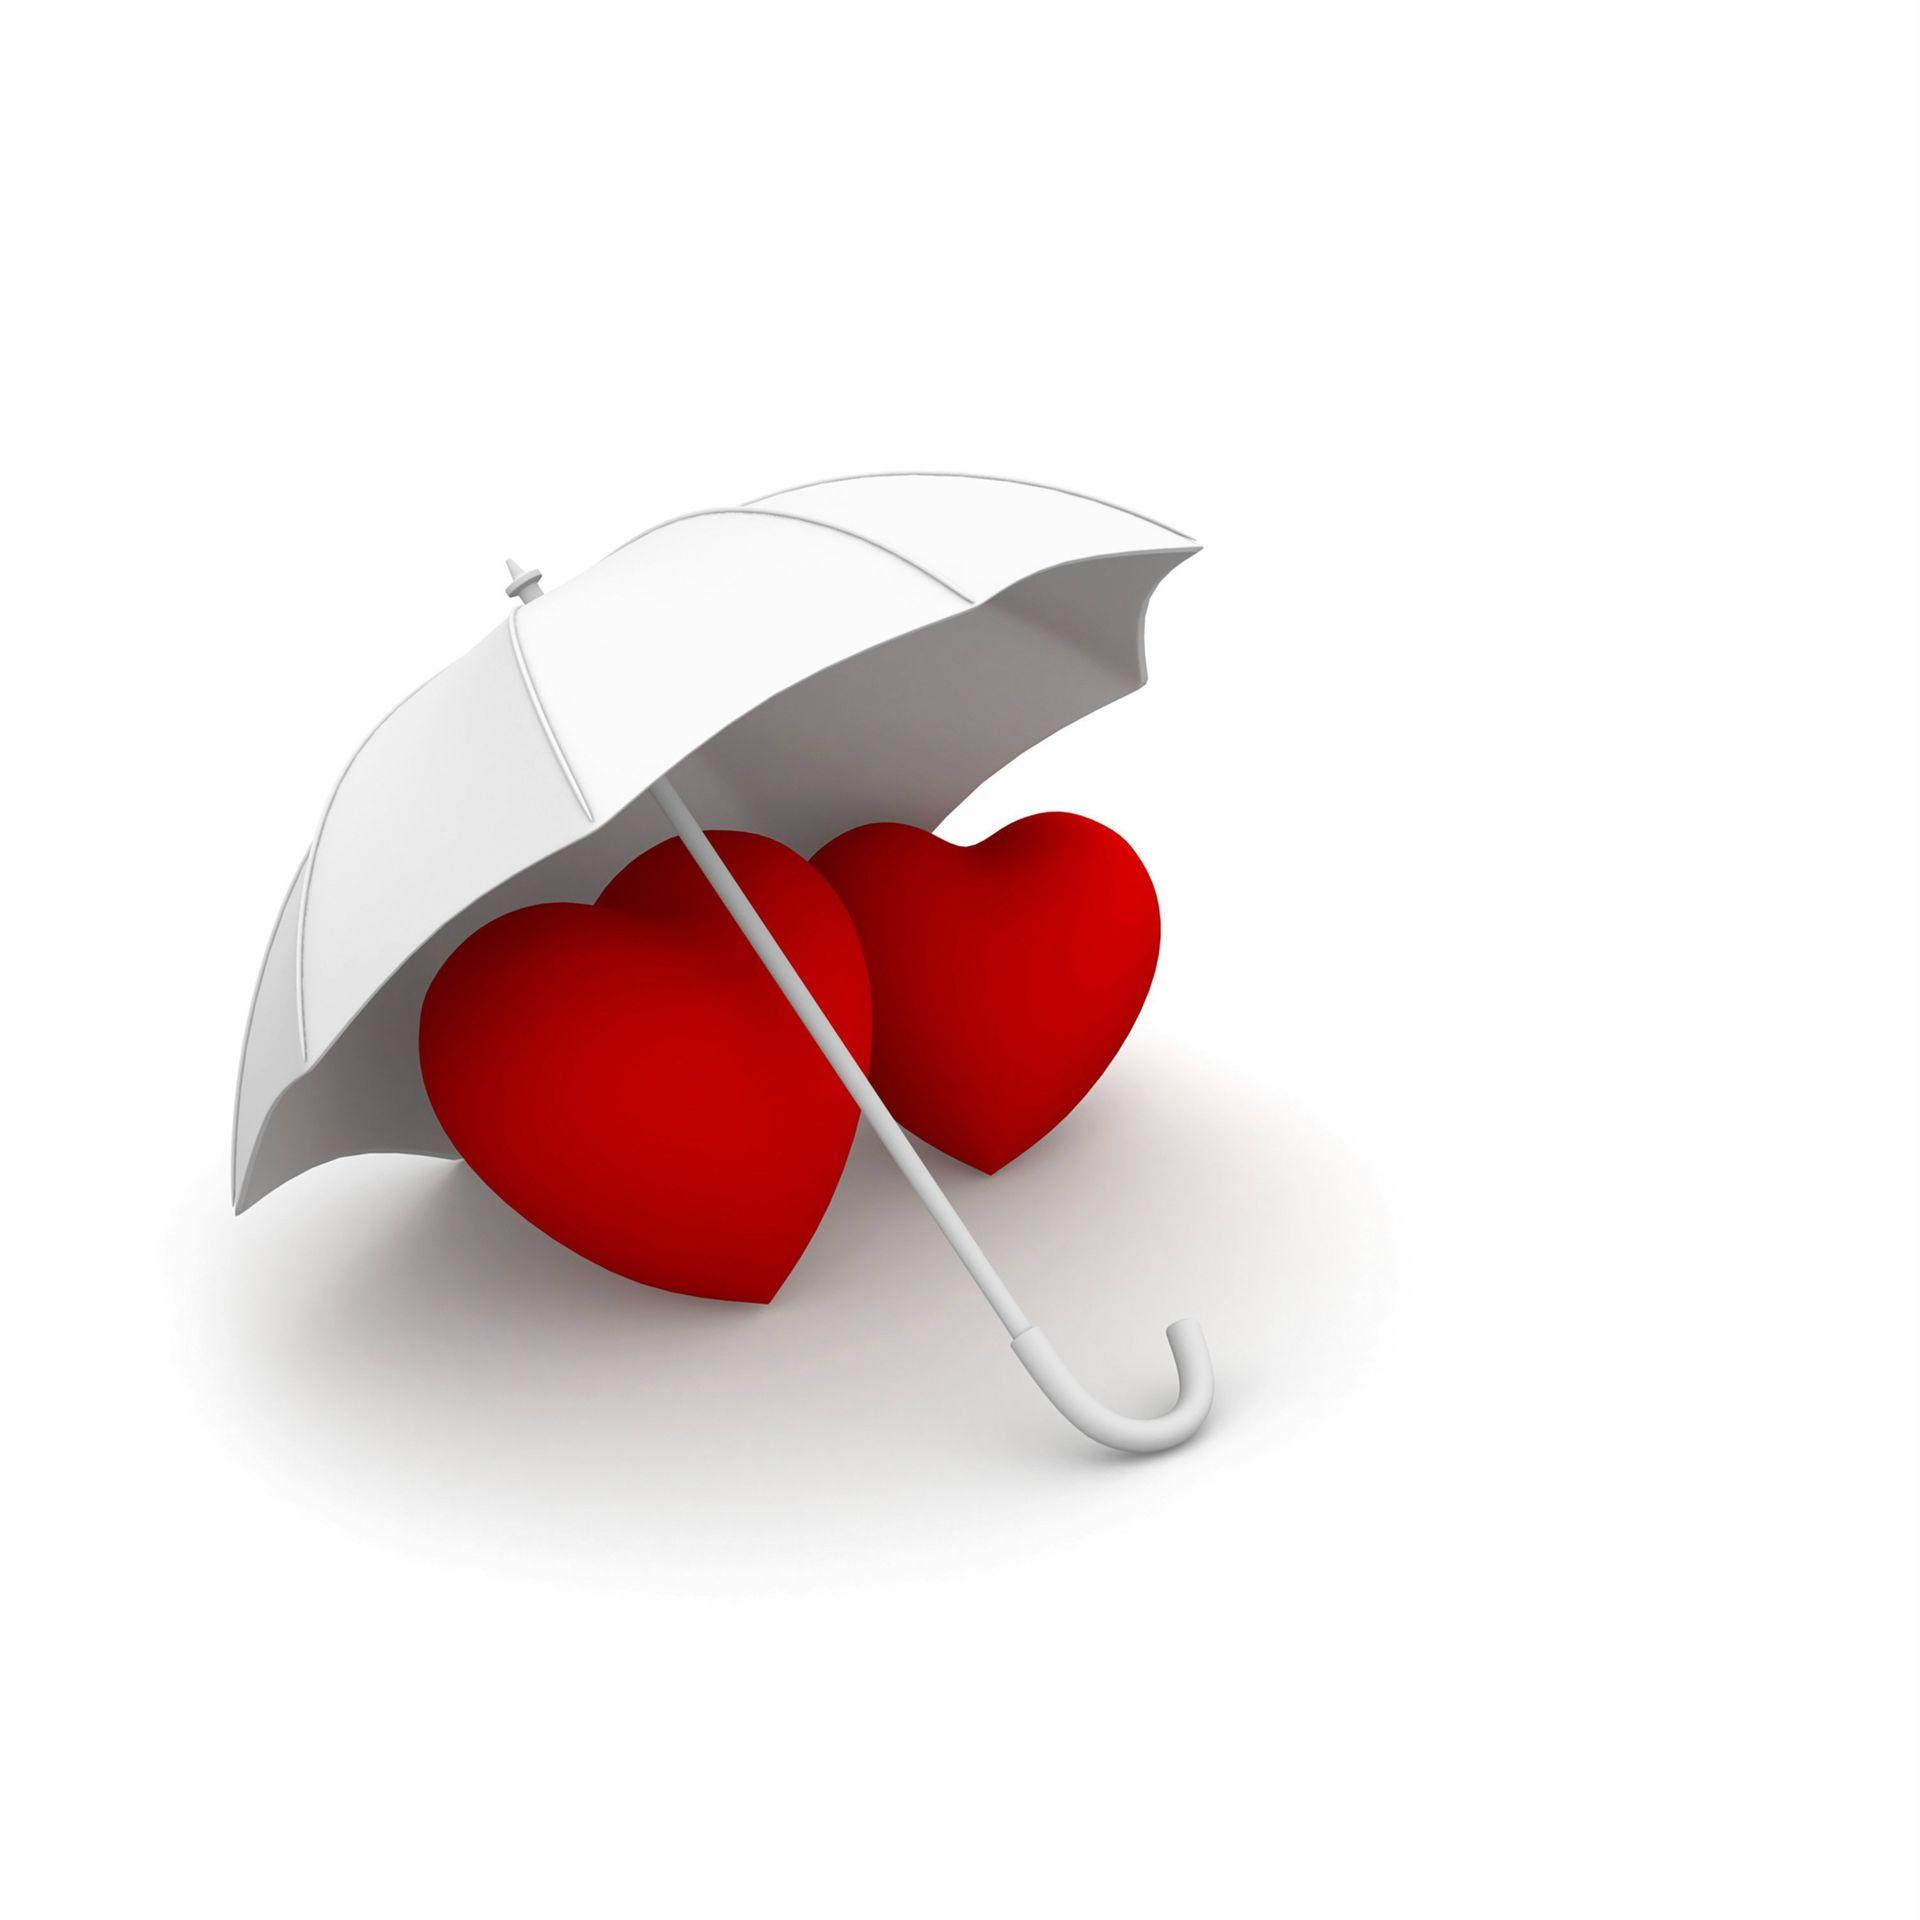 secure-love-relationship-concept-3d-render-1013tm-pic-535-relationship